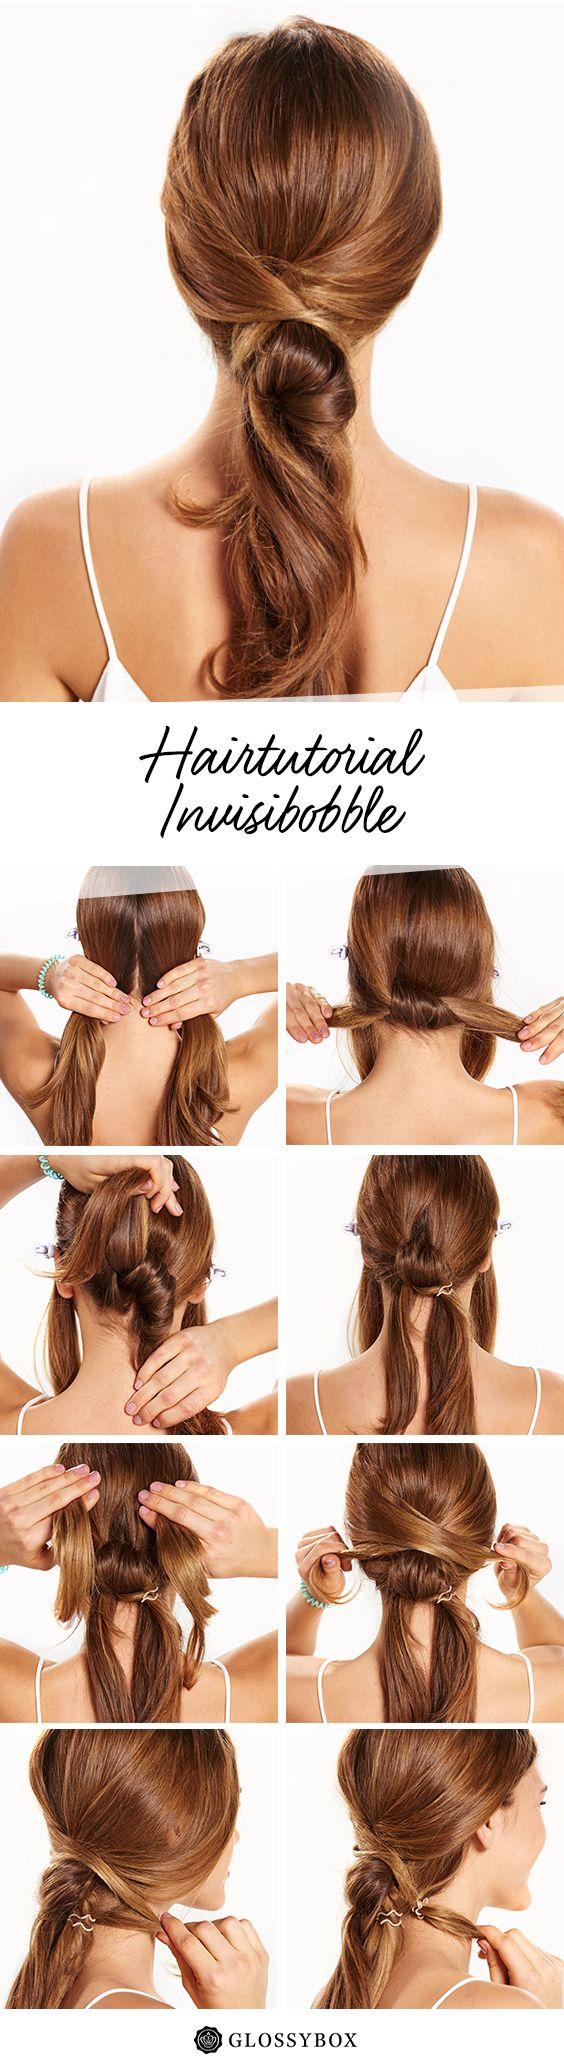 Hair, Invisibobble, Tutorial